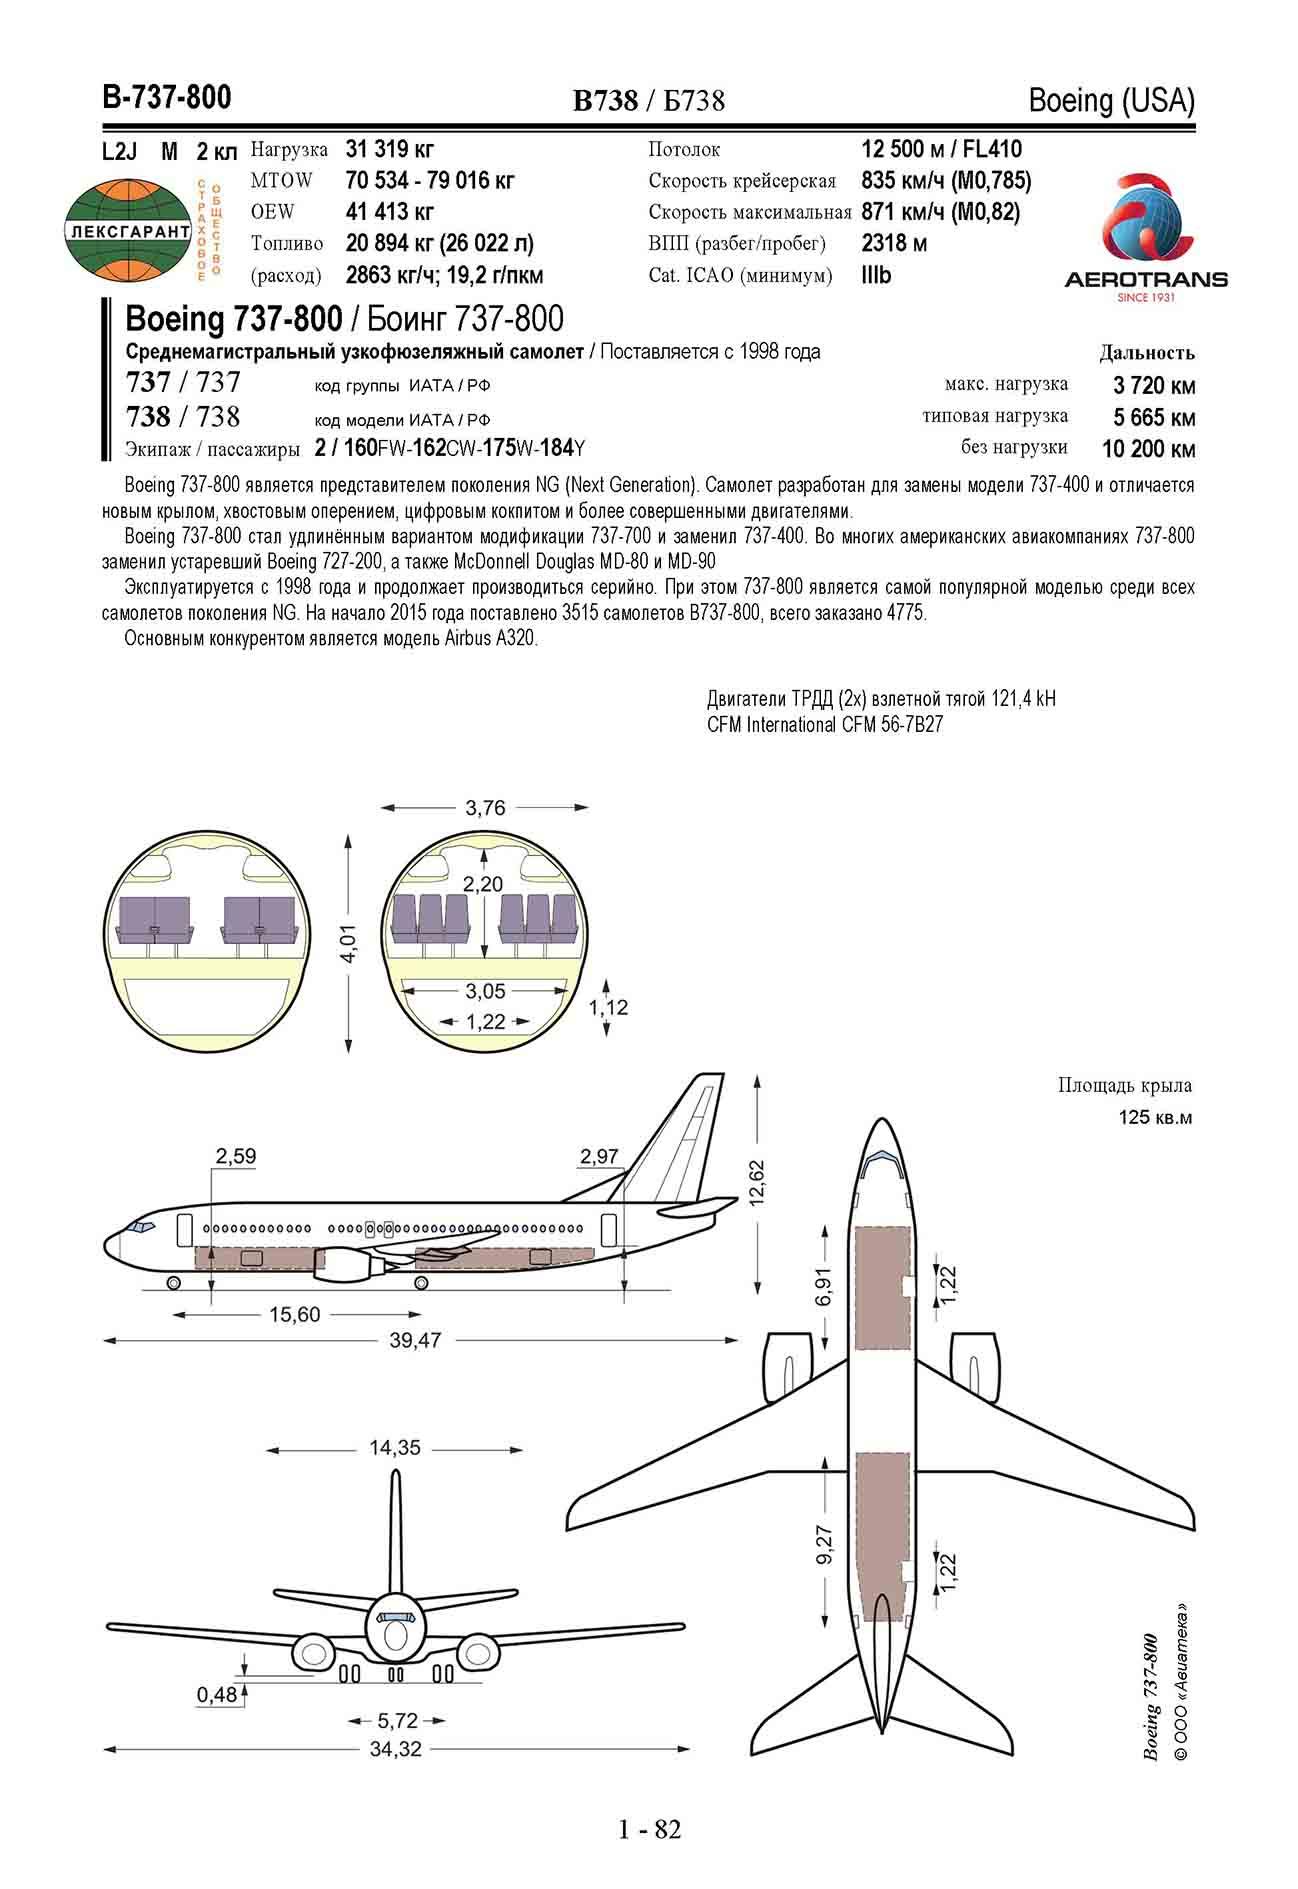 Boeing 737-800. Описание, размеры, проекции, характеристики, коды, сечение